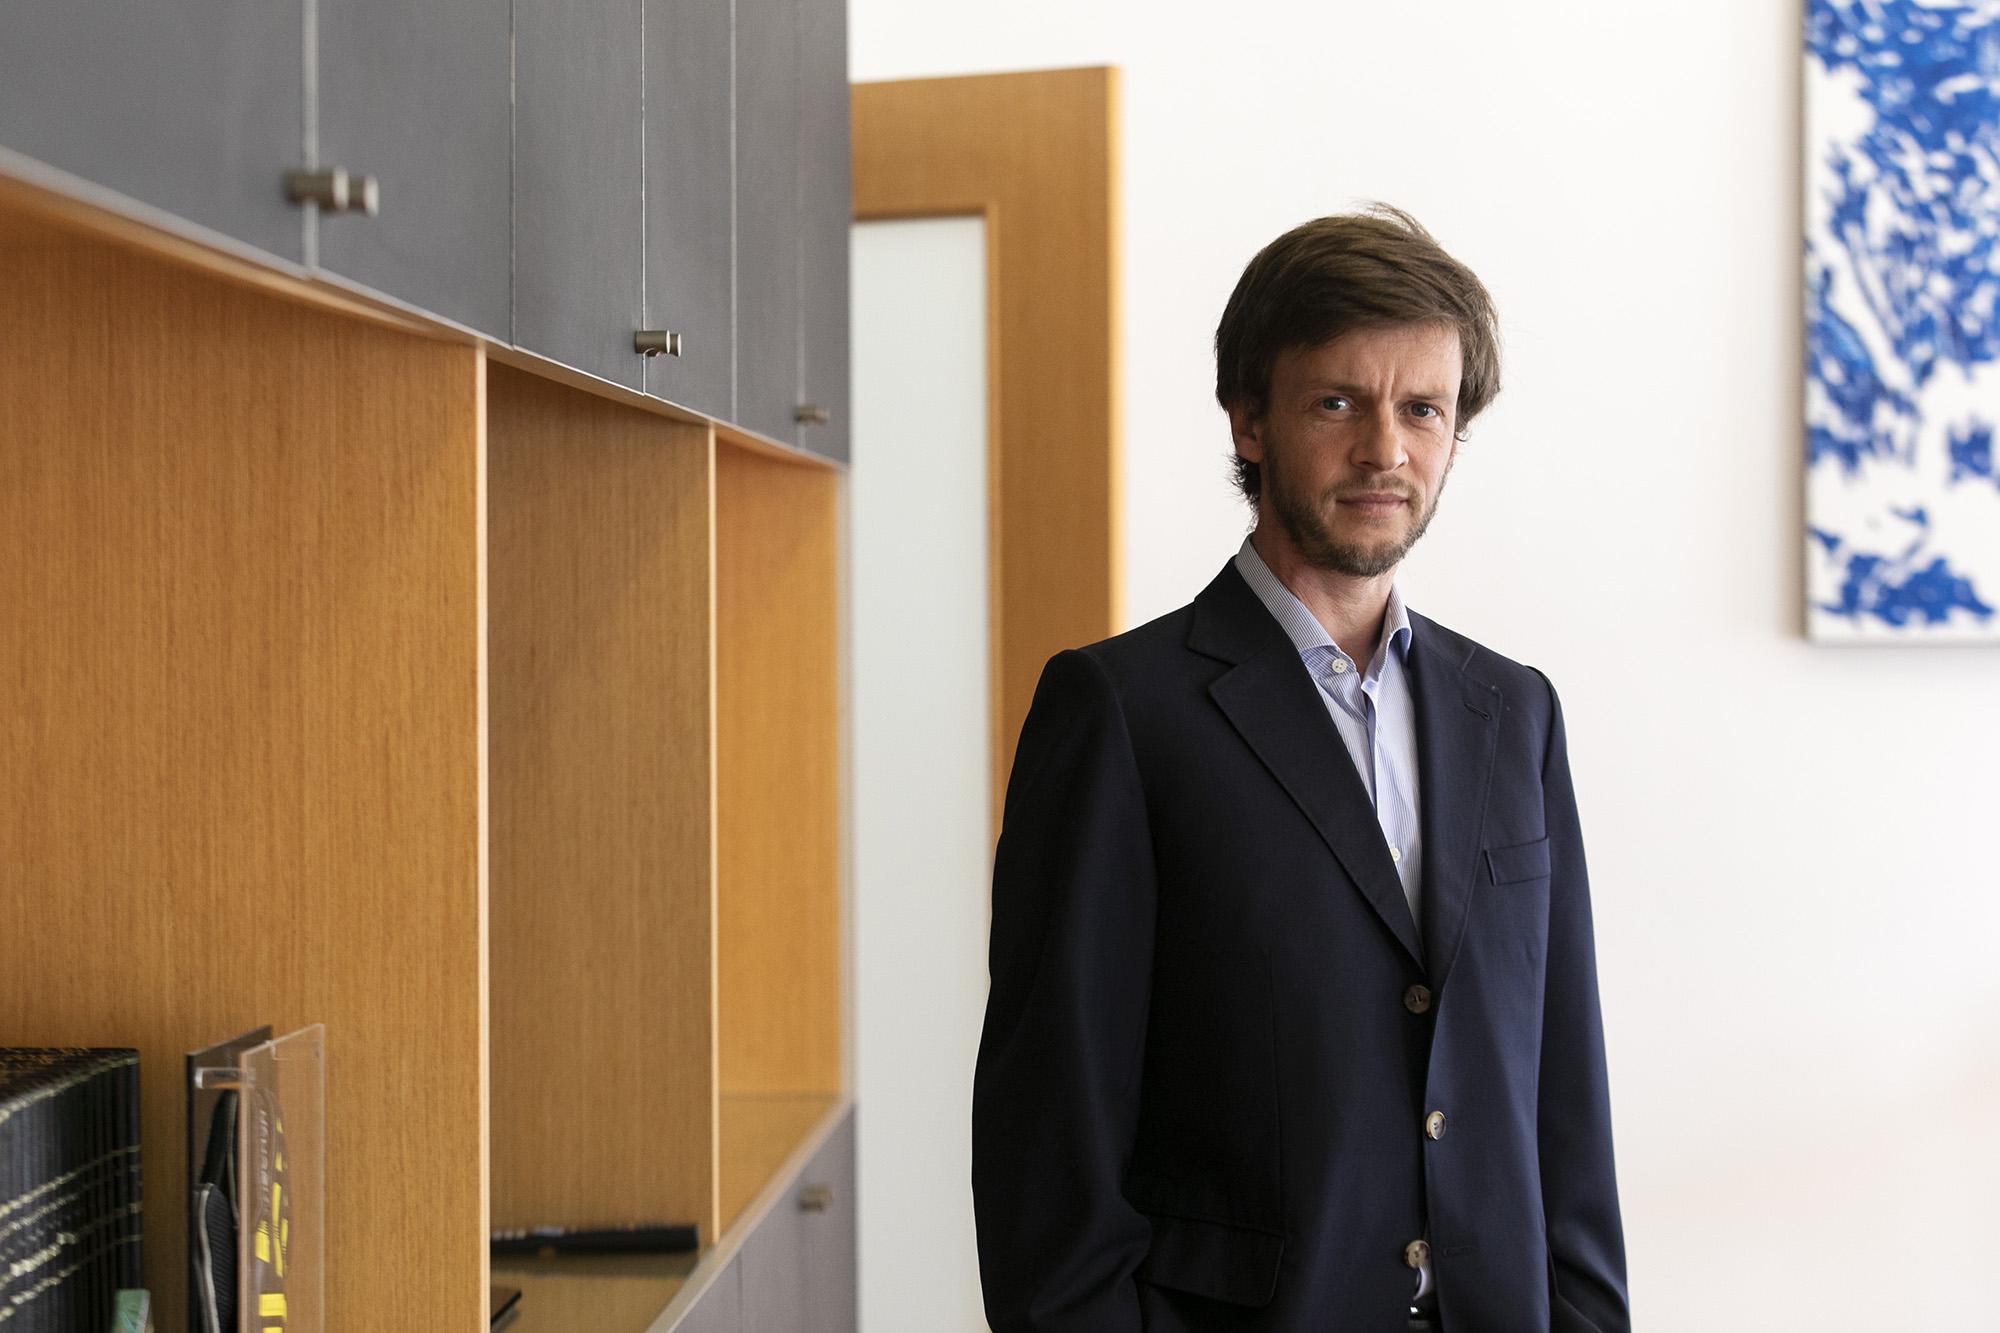 Domingos Cruz, Managing Partner da CCA, em entrevista ao ECO/Advocatus